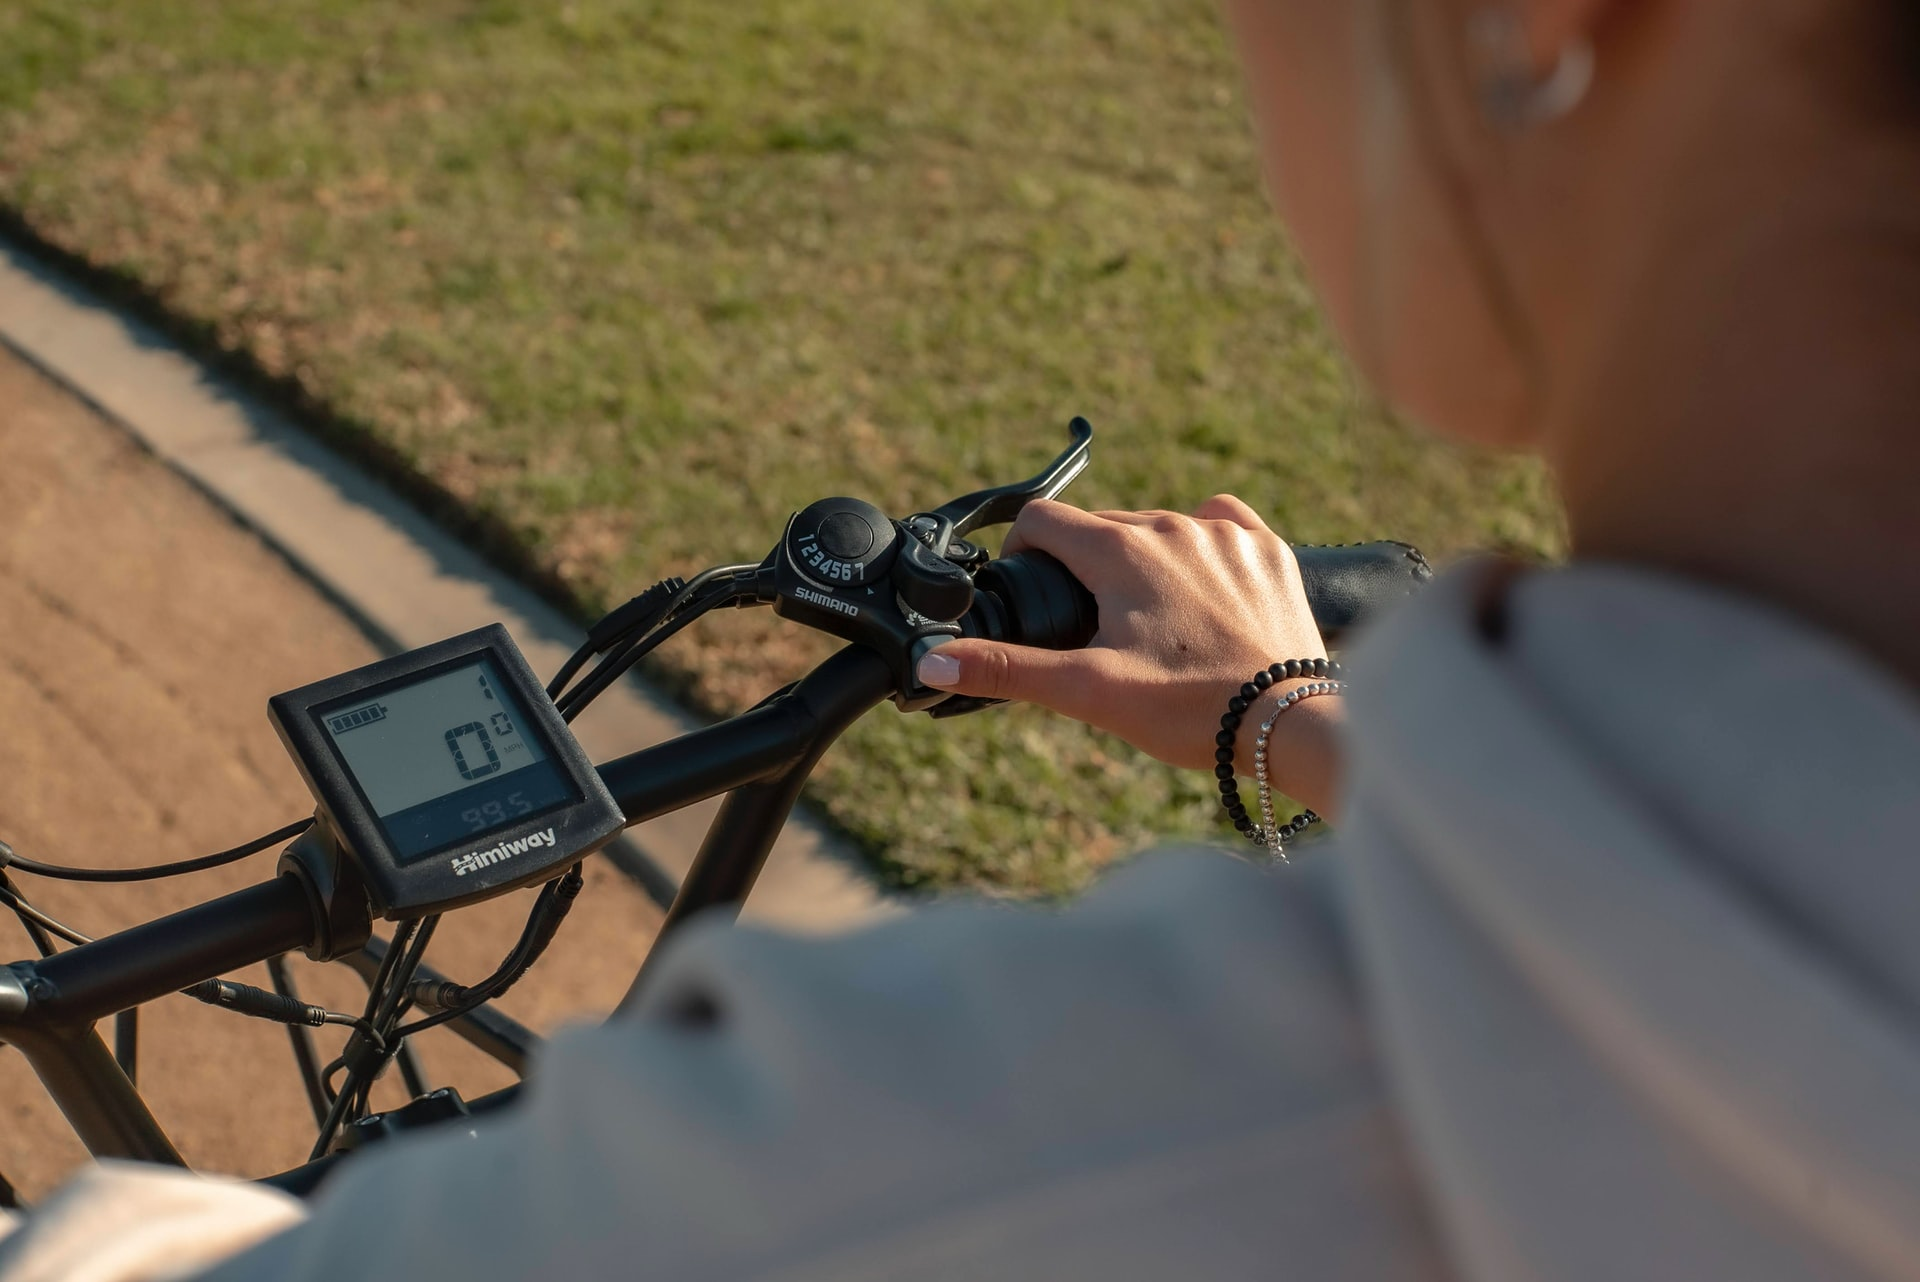 Comment choisir son compteur ou GPS vélo